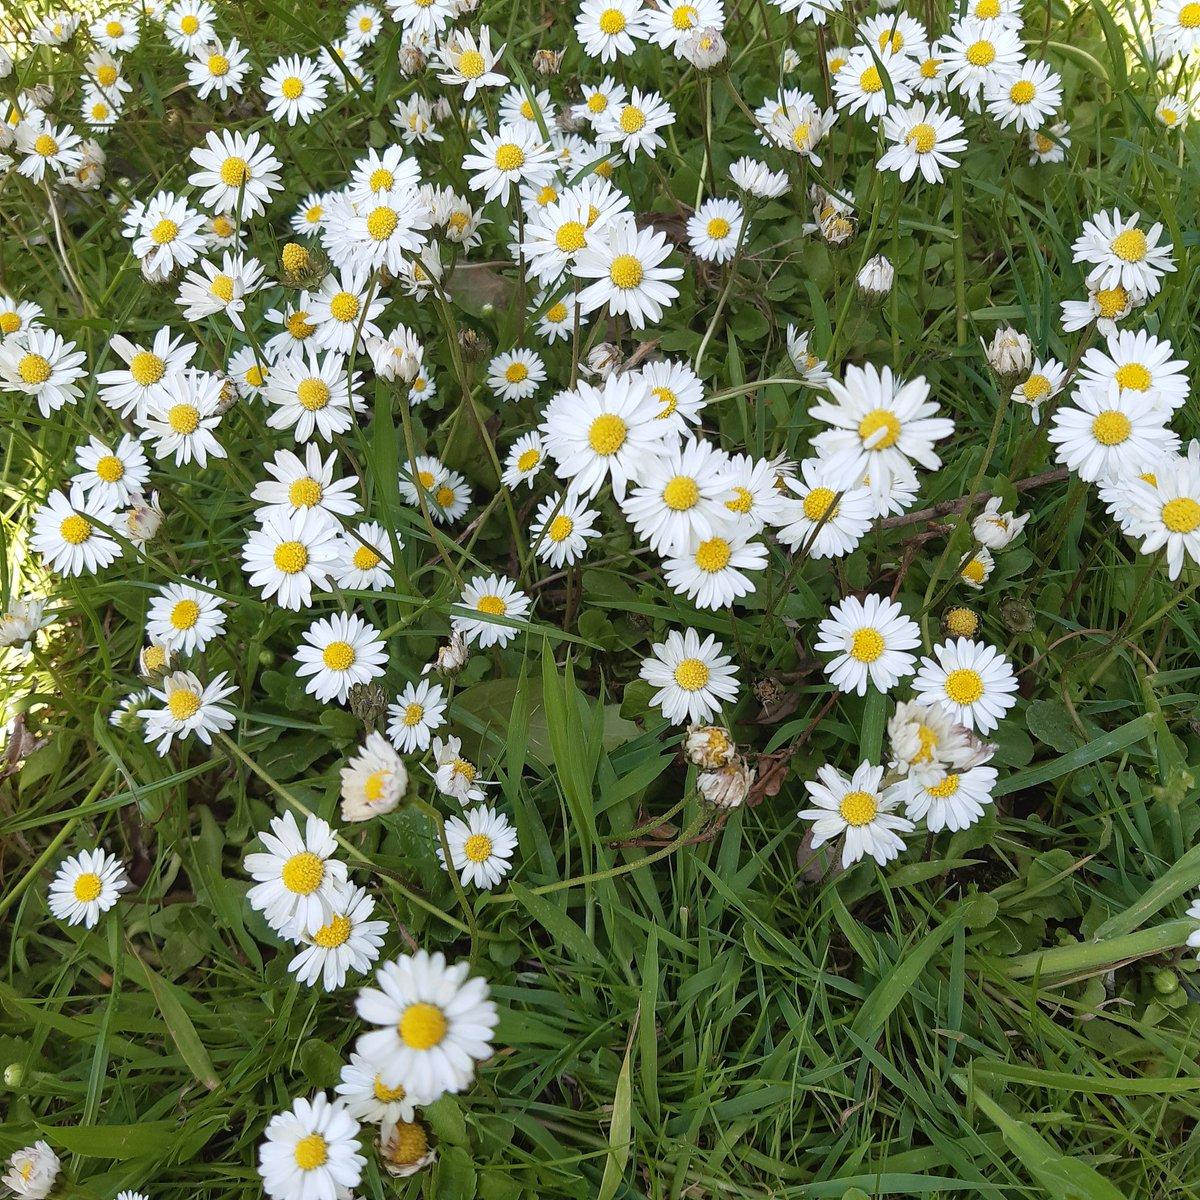 Day 1 #30DaysWild @WildlifeTrusts @WTWales @WTSWW Daisy's in my garden 💚